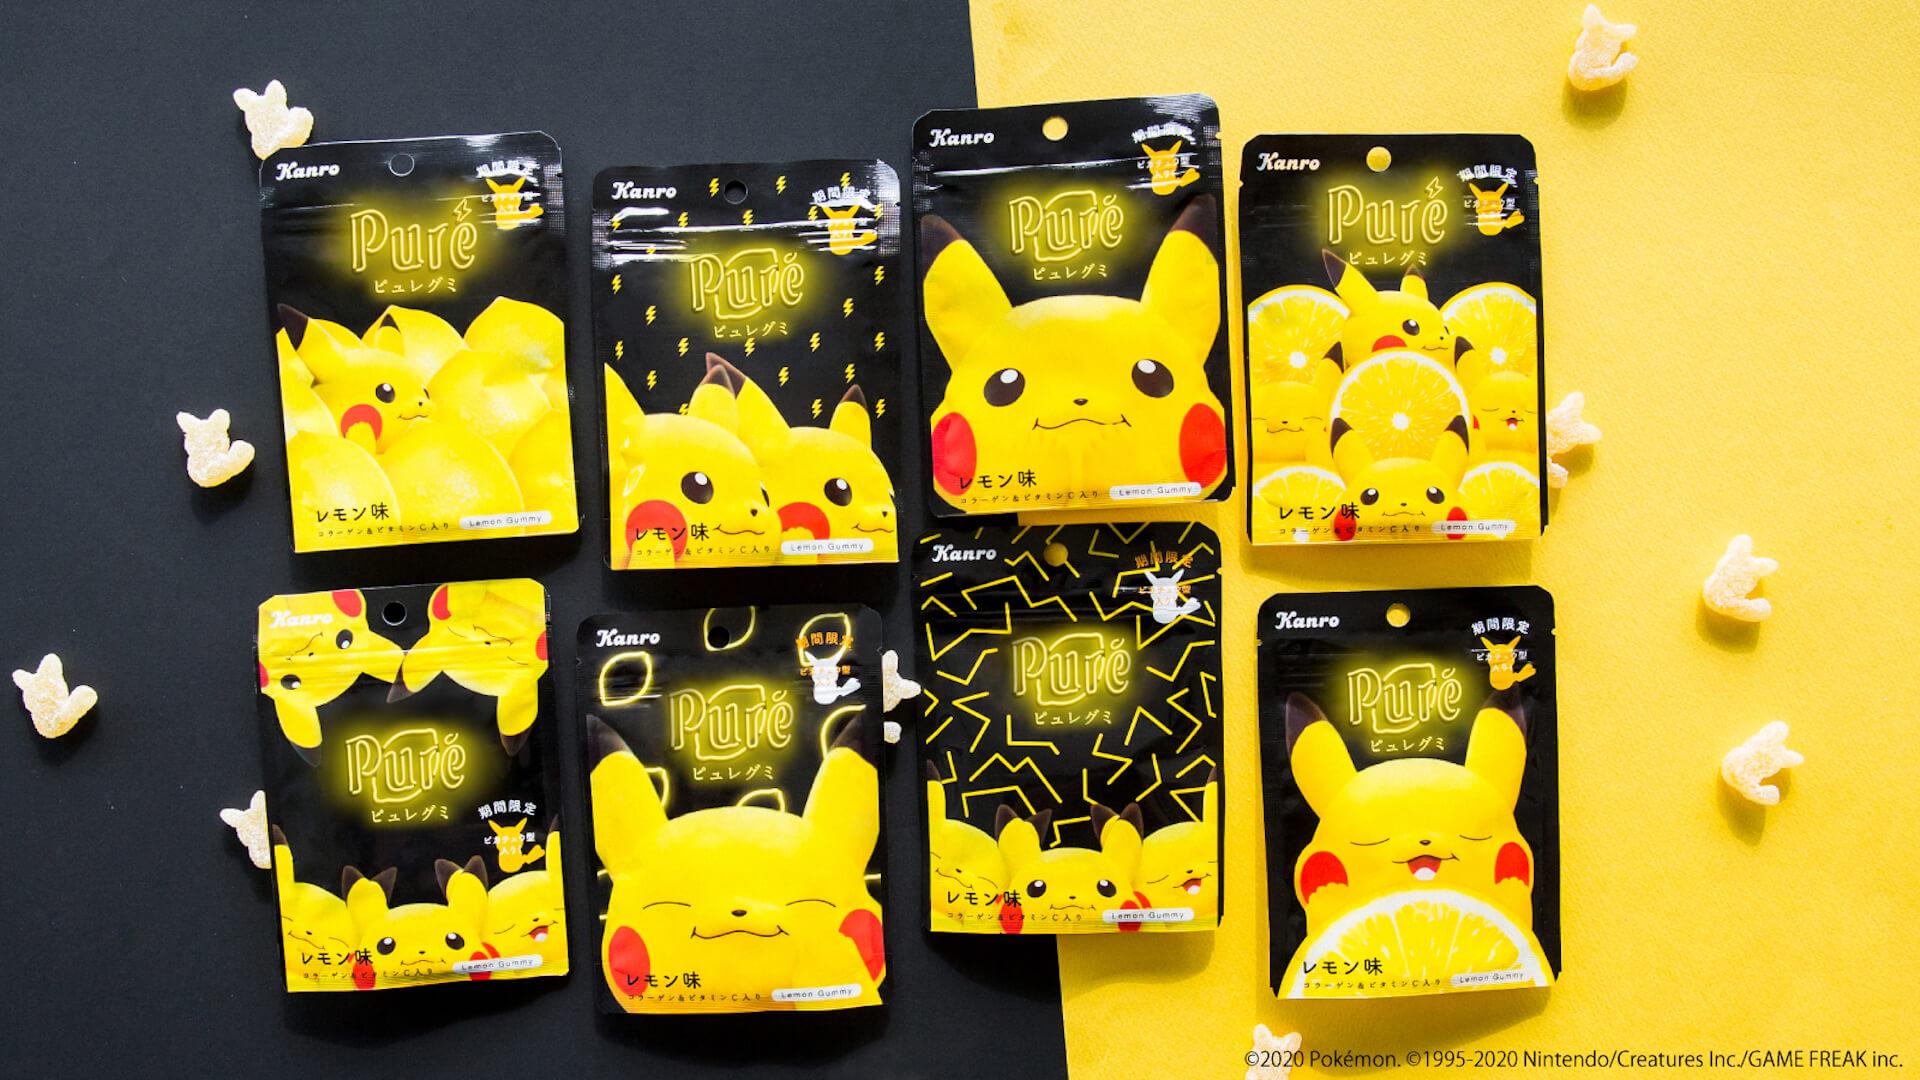 「ピュレグミレモン」ピカチュウデザインのビッグブランケットが当たるTwitterキャンペーン実施決定! gourmet201120_puregumi_pokemon_4